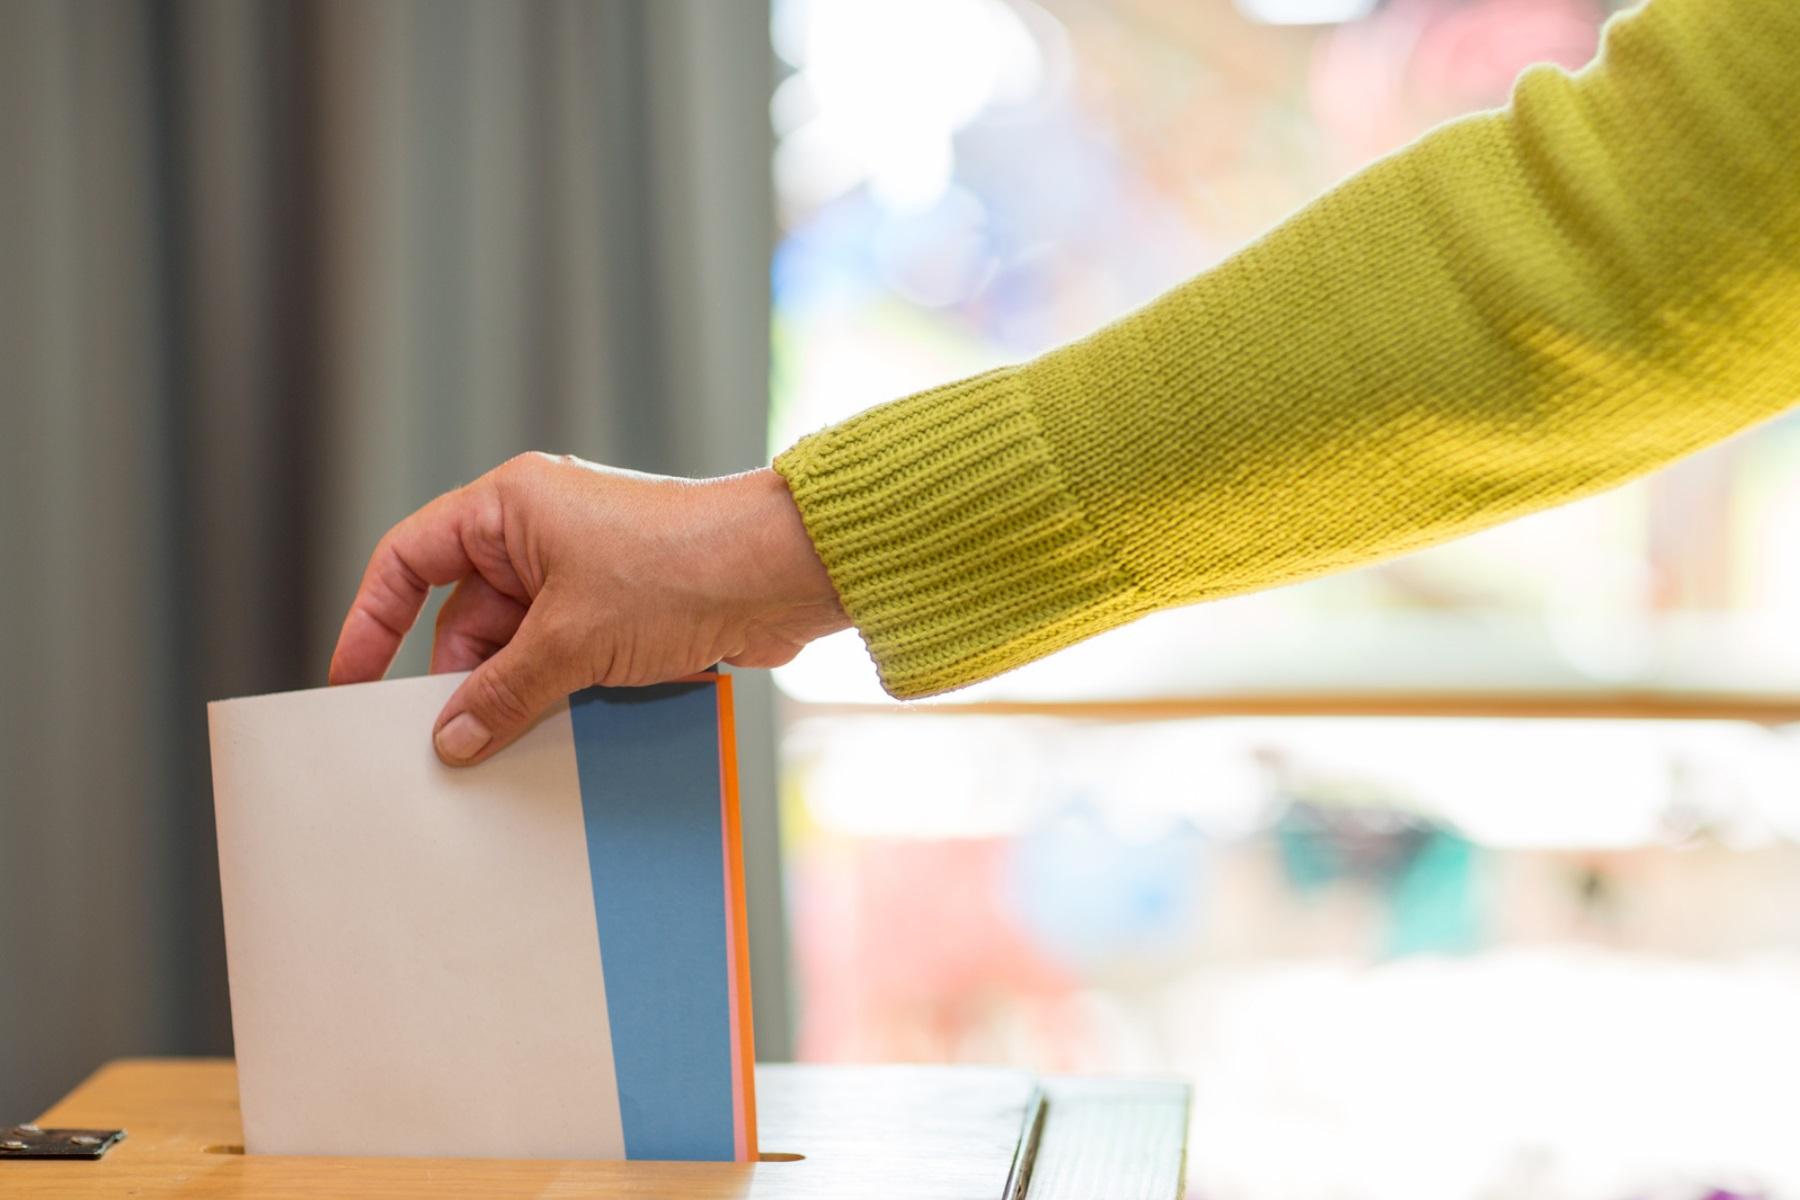 Verbände als Wahlkampfhelfer für SVP-Frauen? Das ist anmaßend, Frau Gebhard!